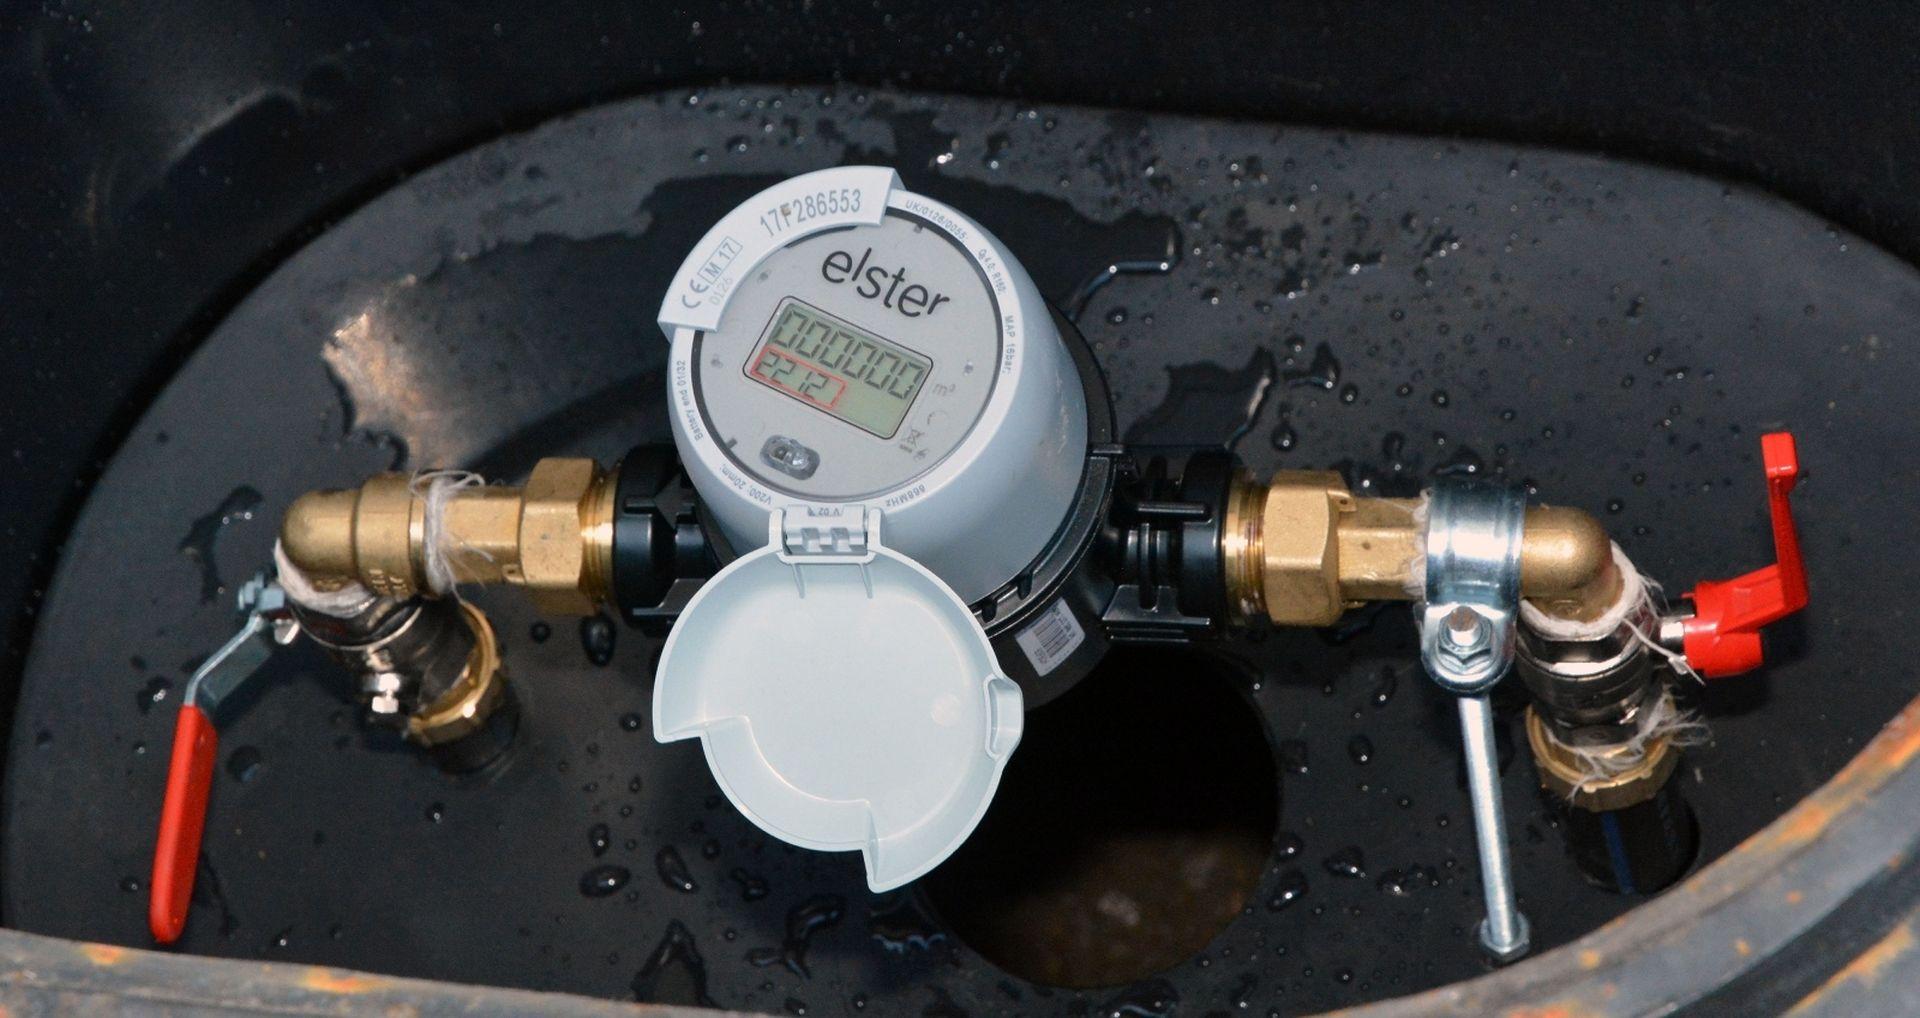 SPLIT Zbog niskih temperatura treba zaštititi vodomjere